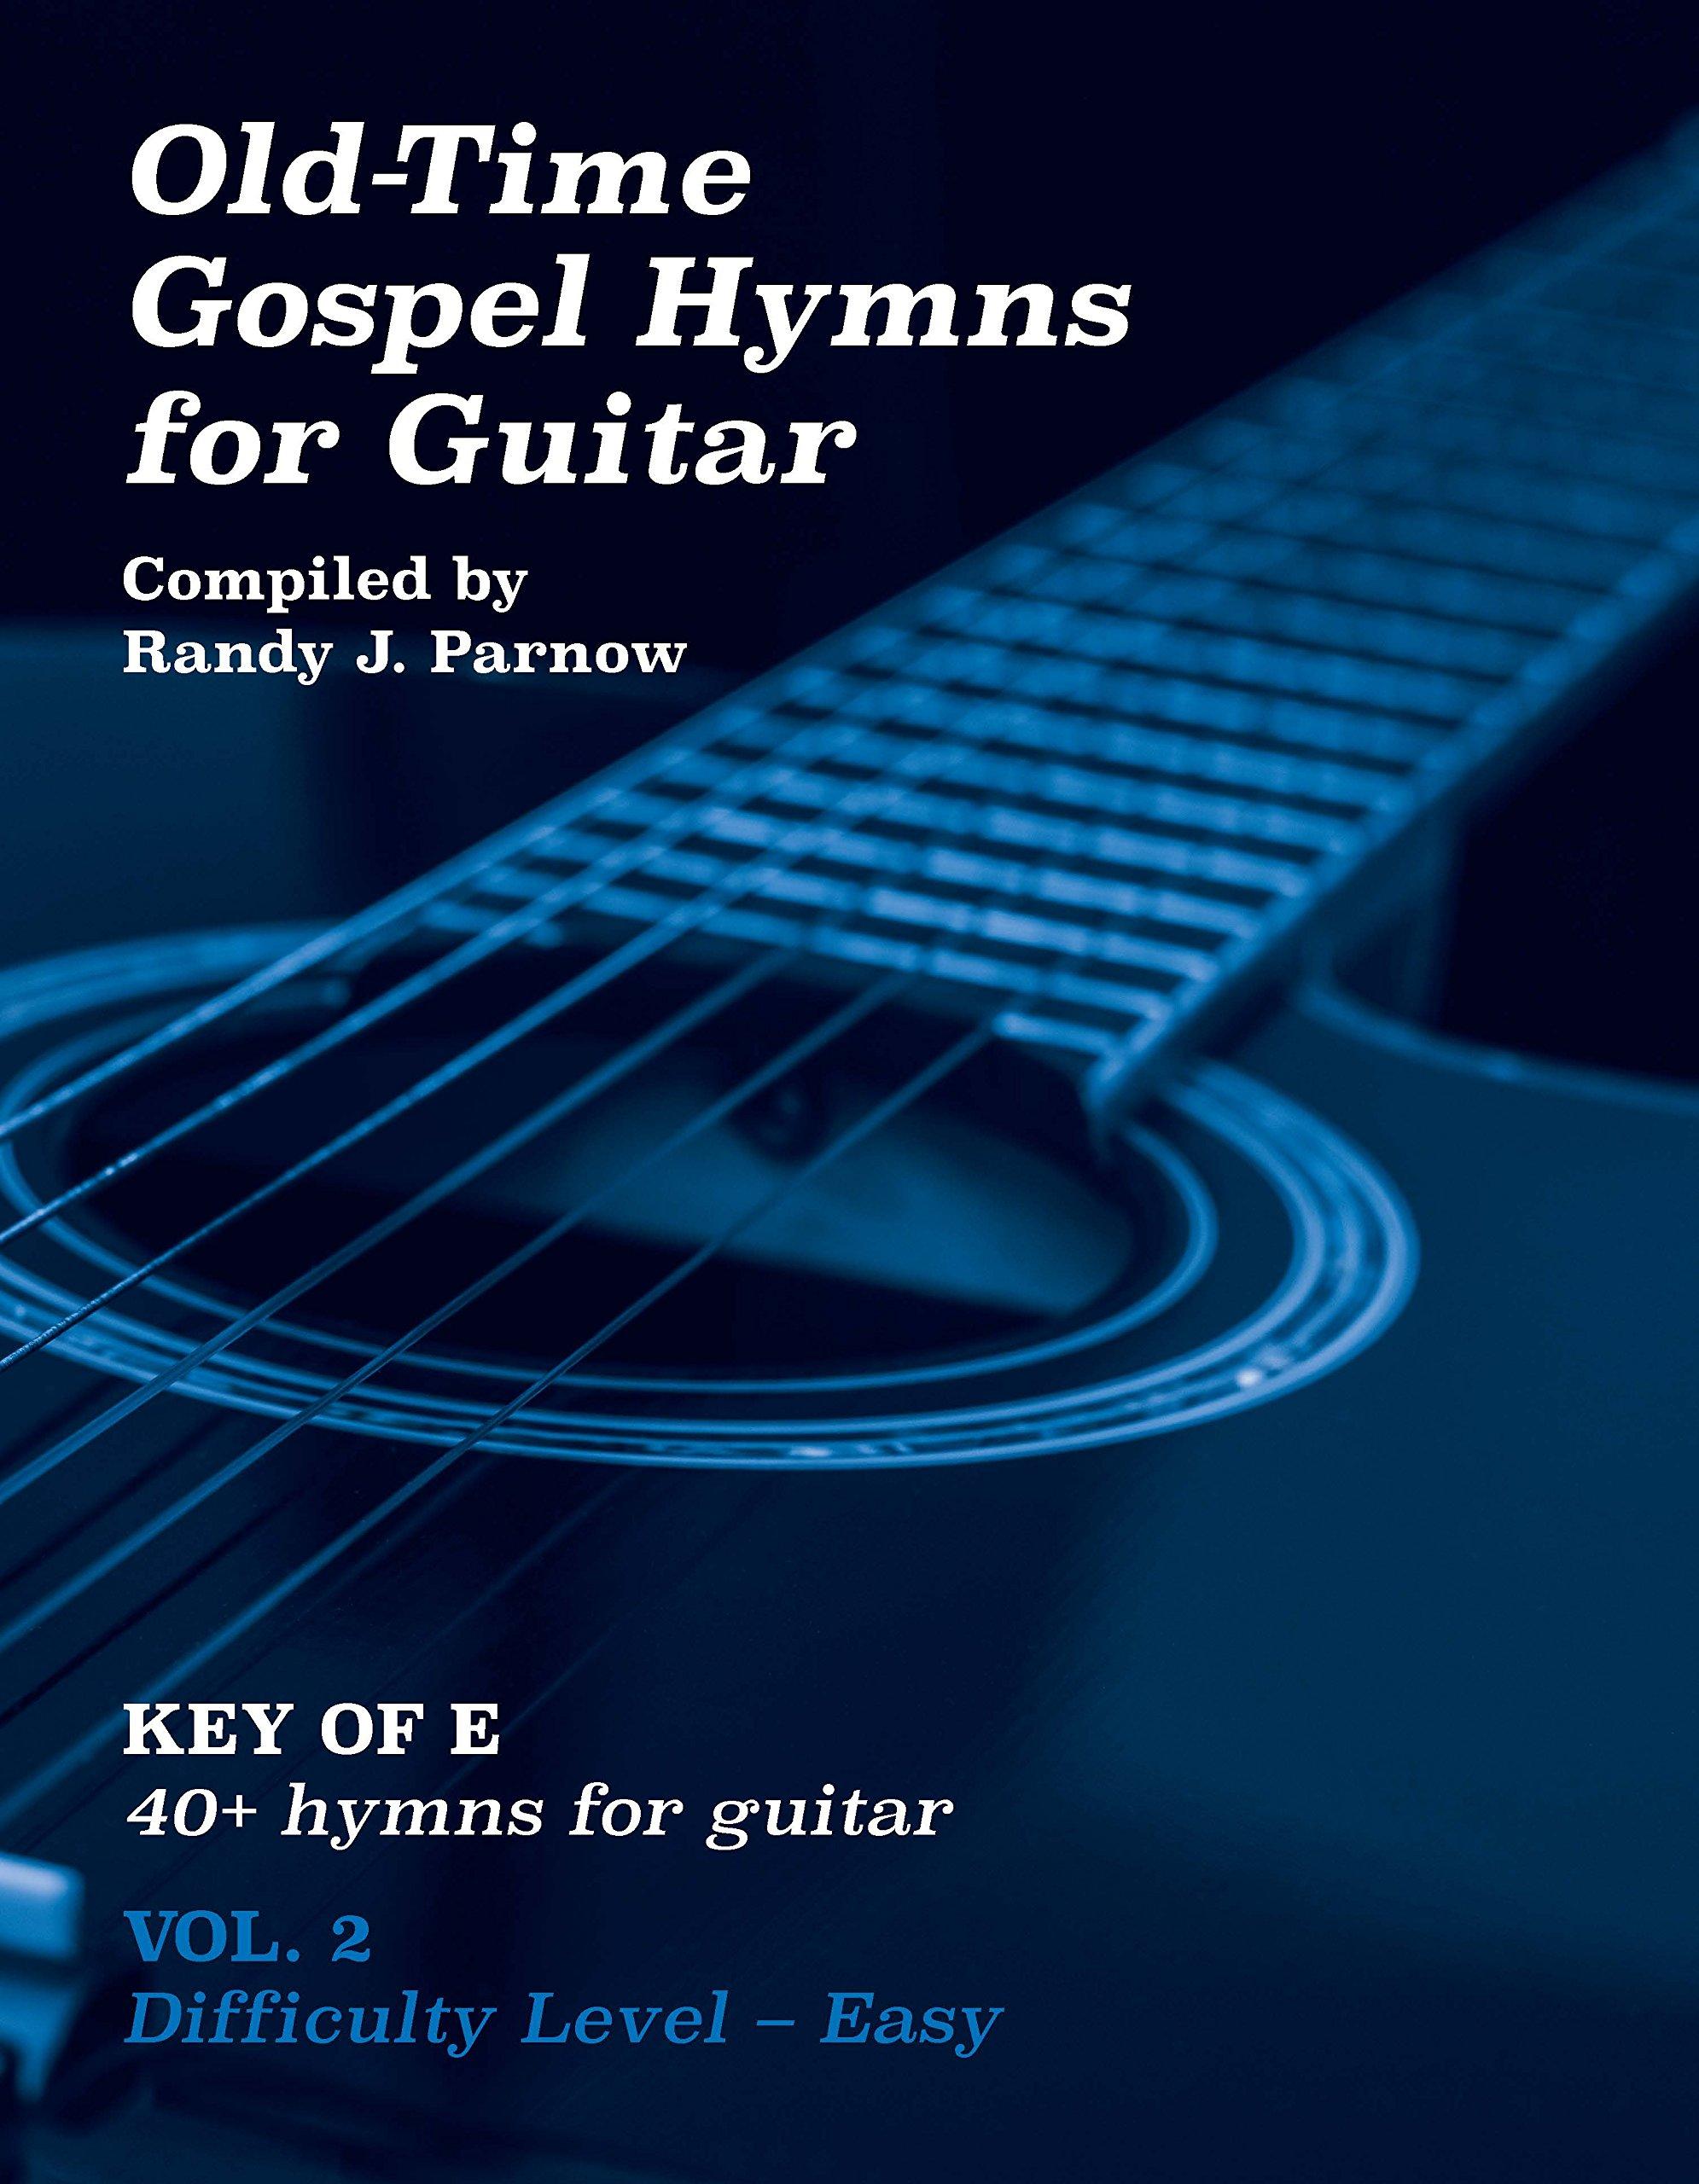 Volume 2 Old Time Gospel Hymns For Guitar Key Of E Randy J